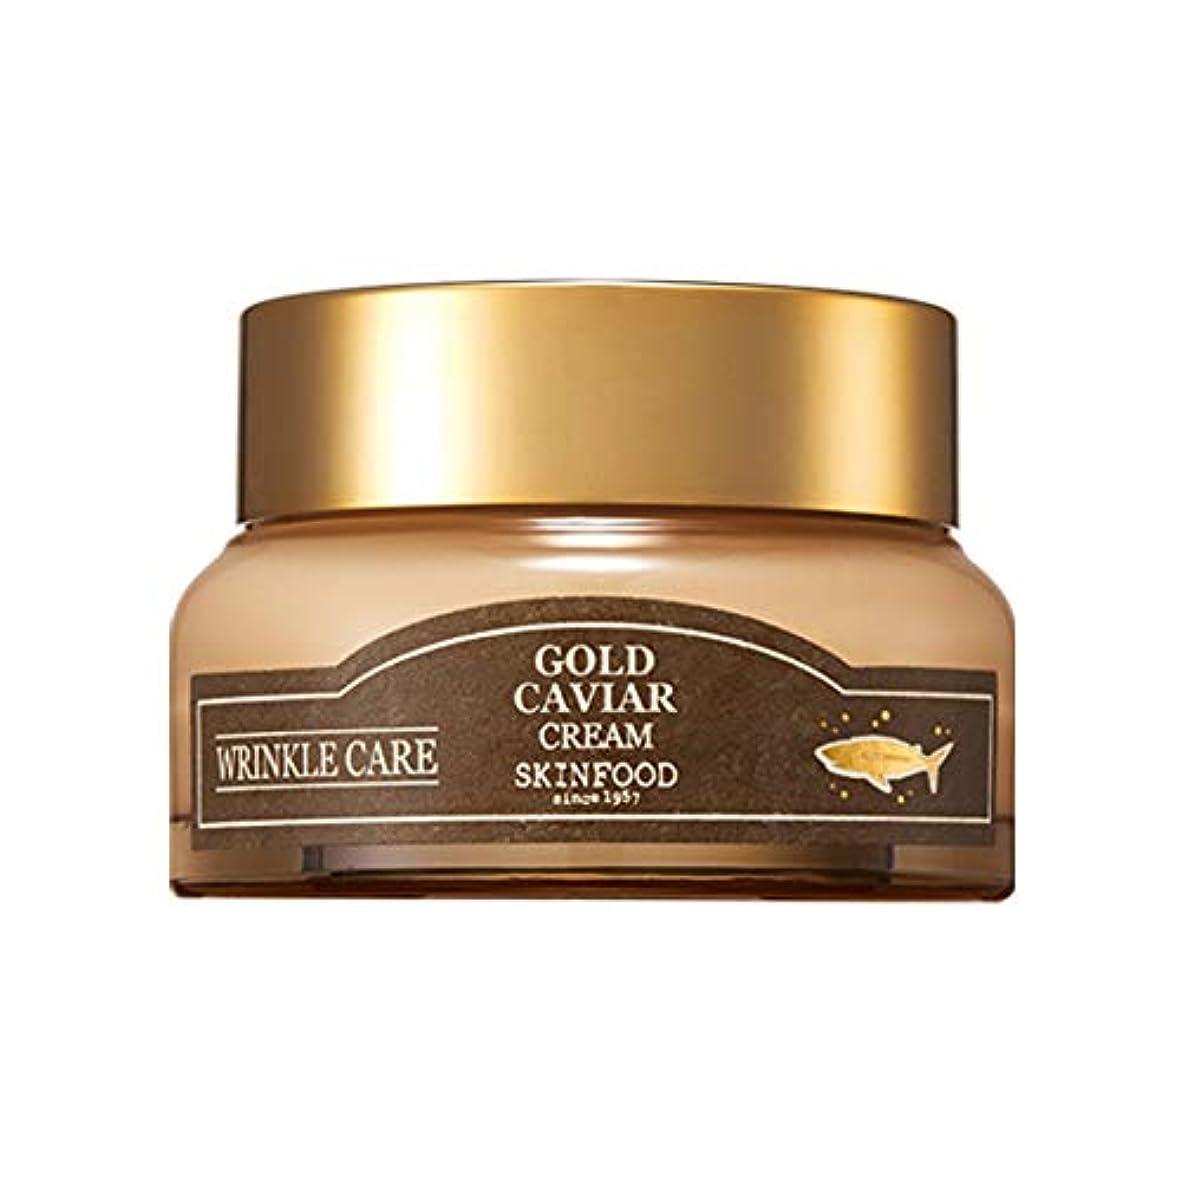 章アラビア語飛び込むSkinfood ゴールドキャビアクリーム[しわケア用化粧品] / Gold Caviar Cream [Cosmeceutical for wrinkle care] 54ml [並行輸入品]